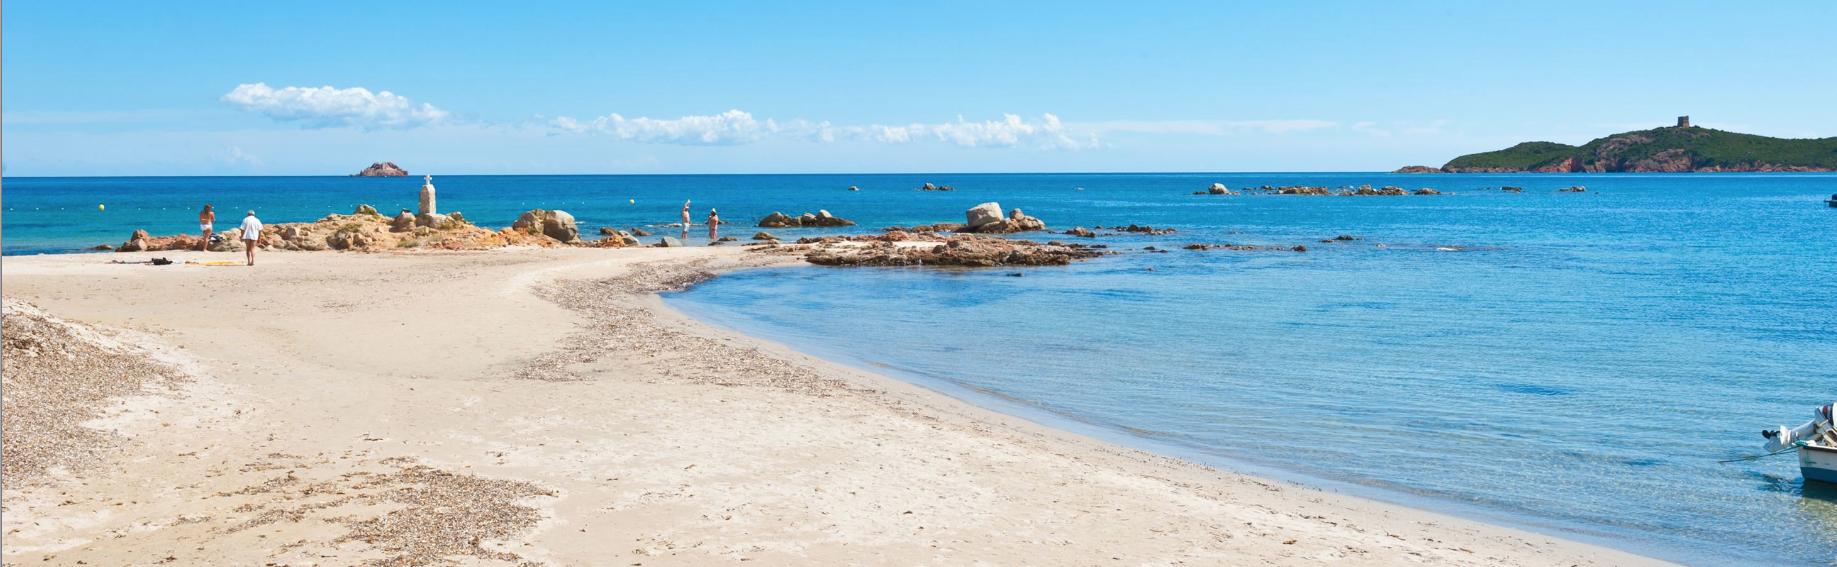 Pinarello plage Corse Village